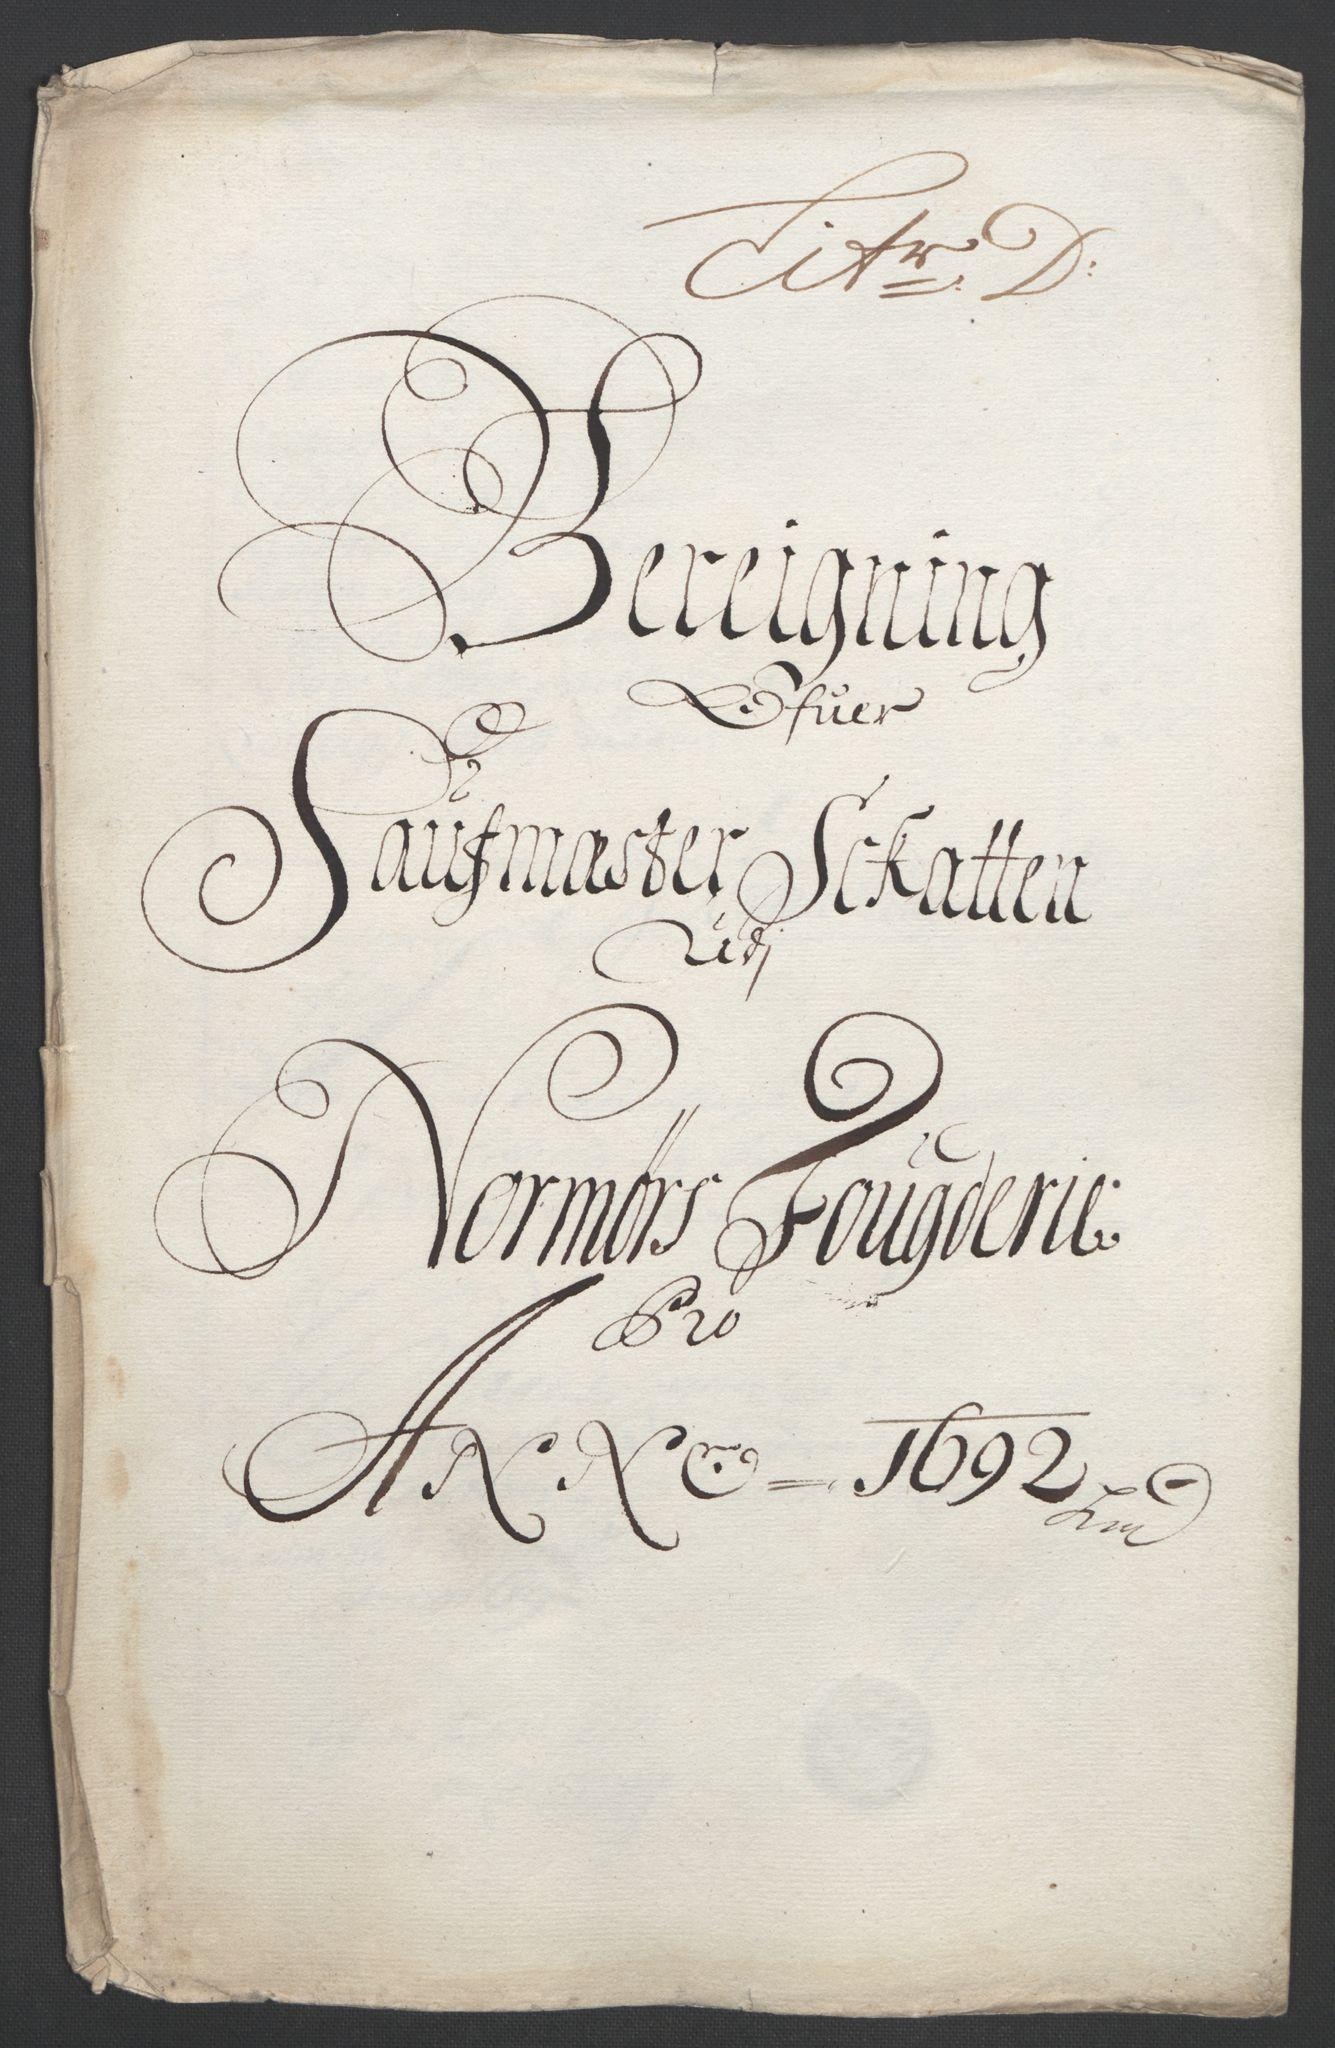 RA, Rentekammeret inntil 1814, Reviderte regnskaper, Fogderegnskap, R56/L3735: Fogderegnskap Nordmøre, 1692-1693, s. 75